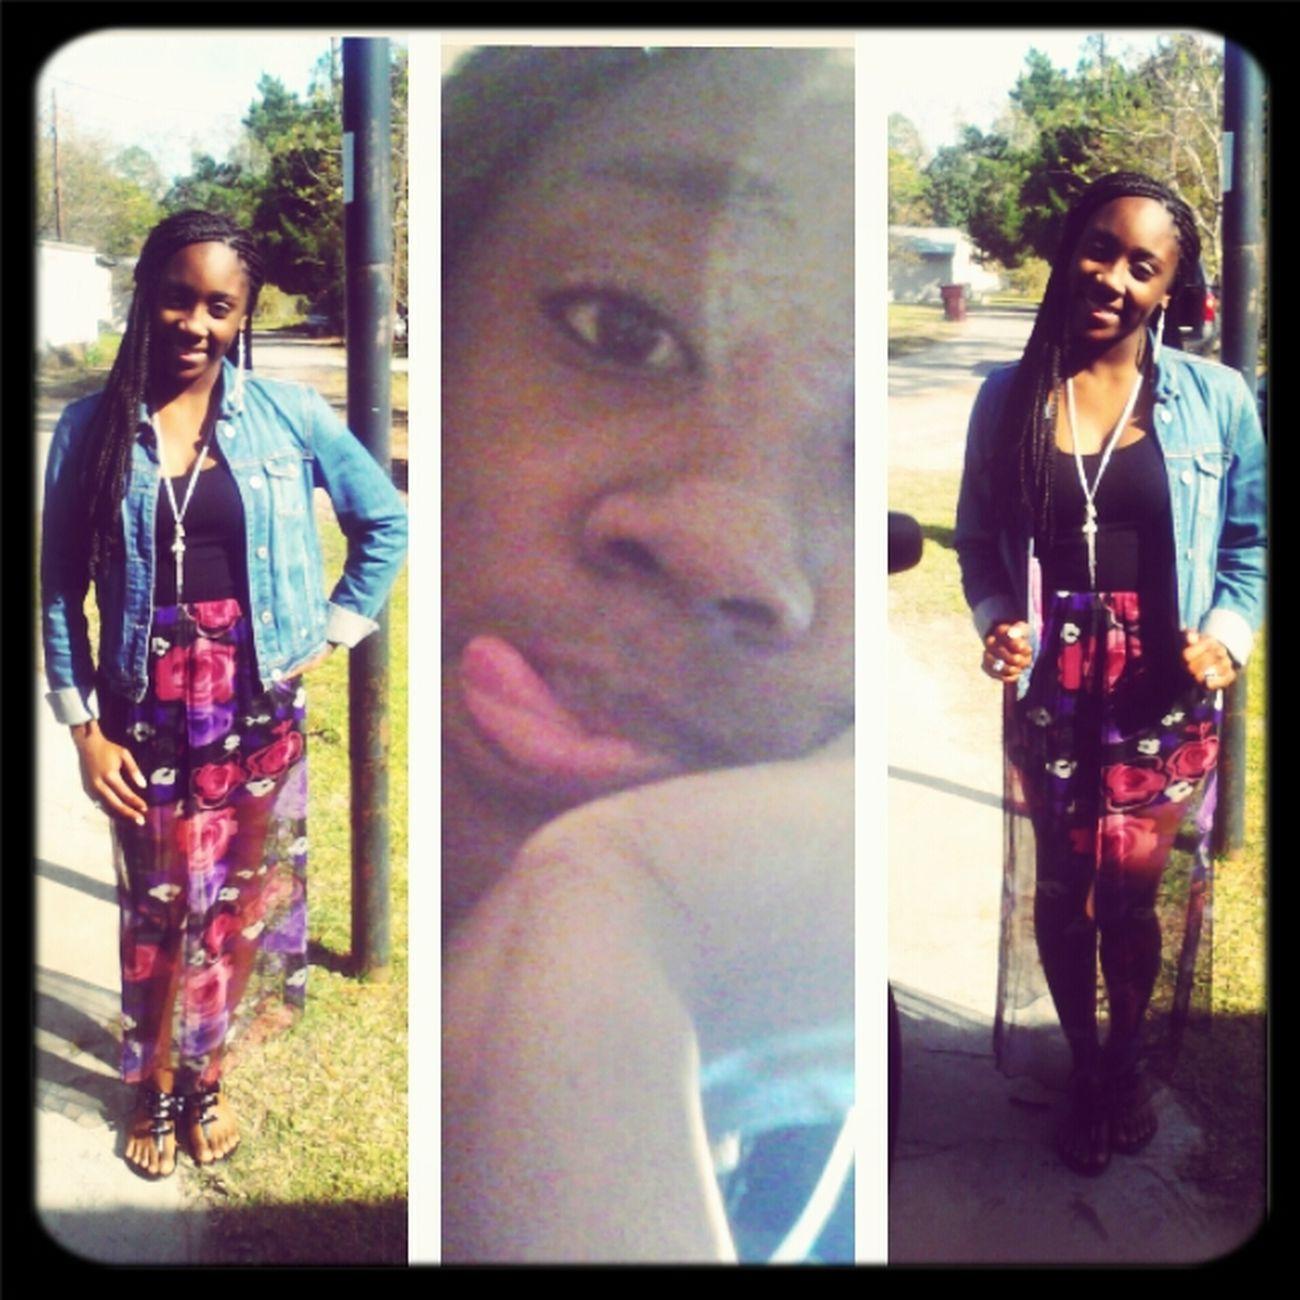 #Simple&CuteMe